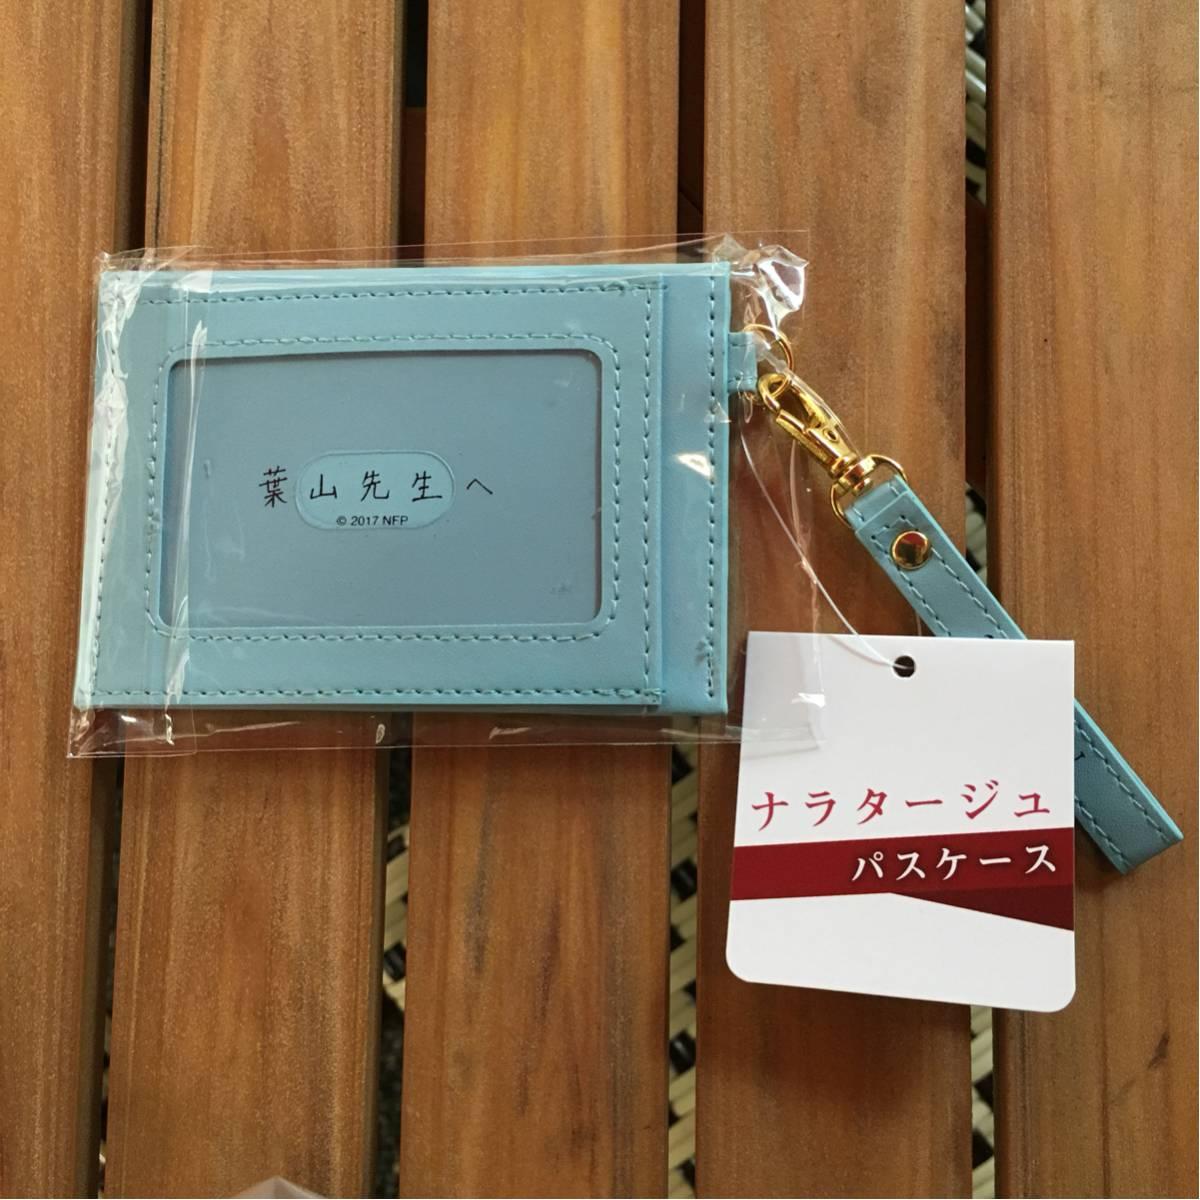 ナラタージュ グッズ パスケース 【未開封品】【送料込】